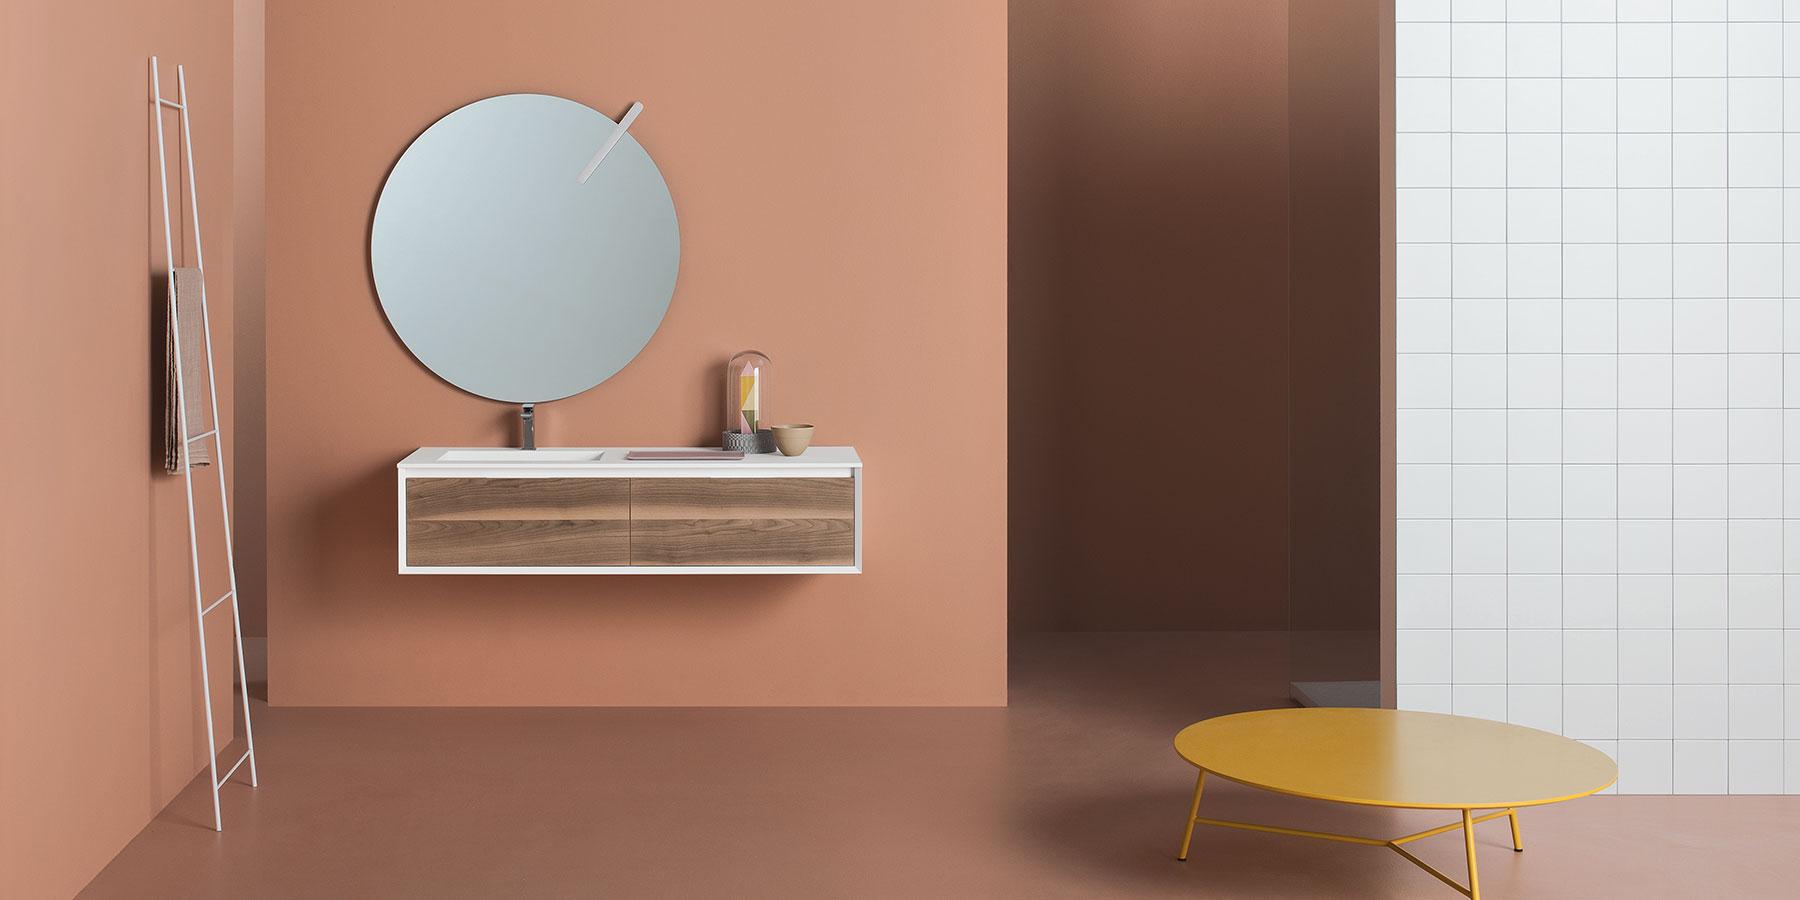 Immagini Relative A Bagni Moderni.Bagno Moderno Come Renderlo Piu Luminoso Usando Gli Specchi